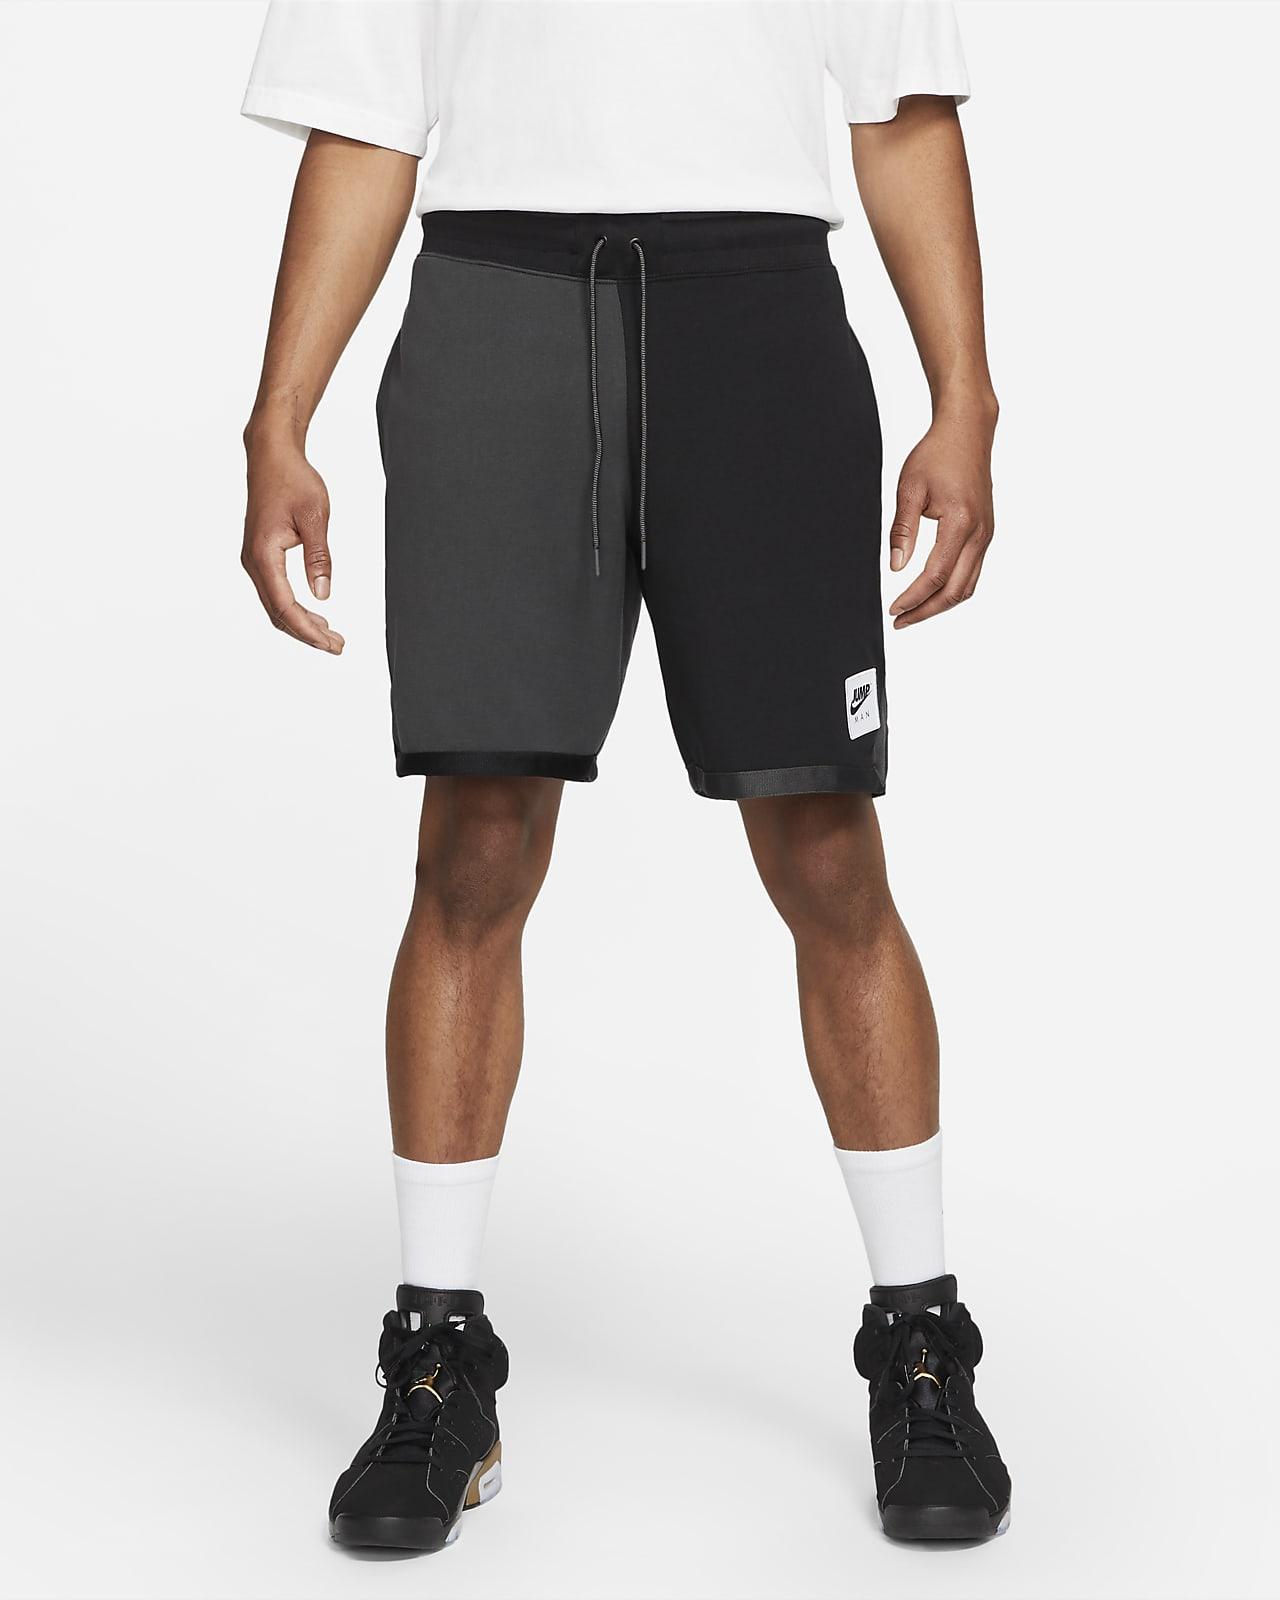 Shorts para hombre Jordan Jumpman Classics